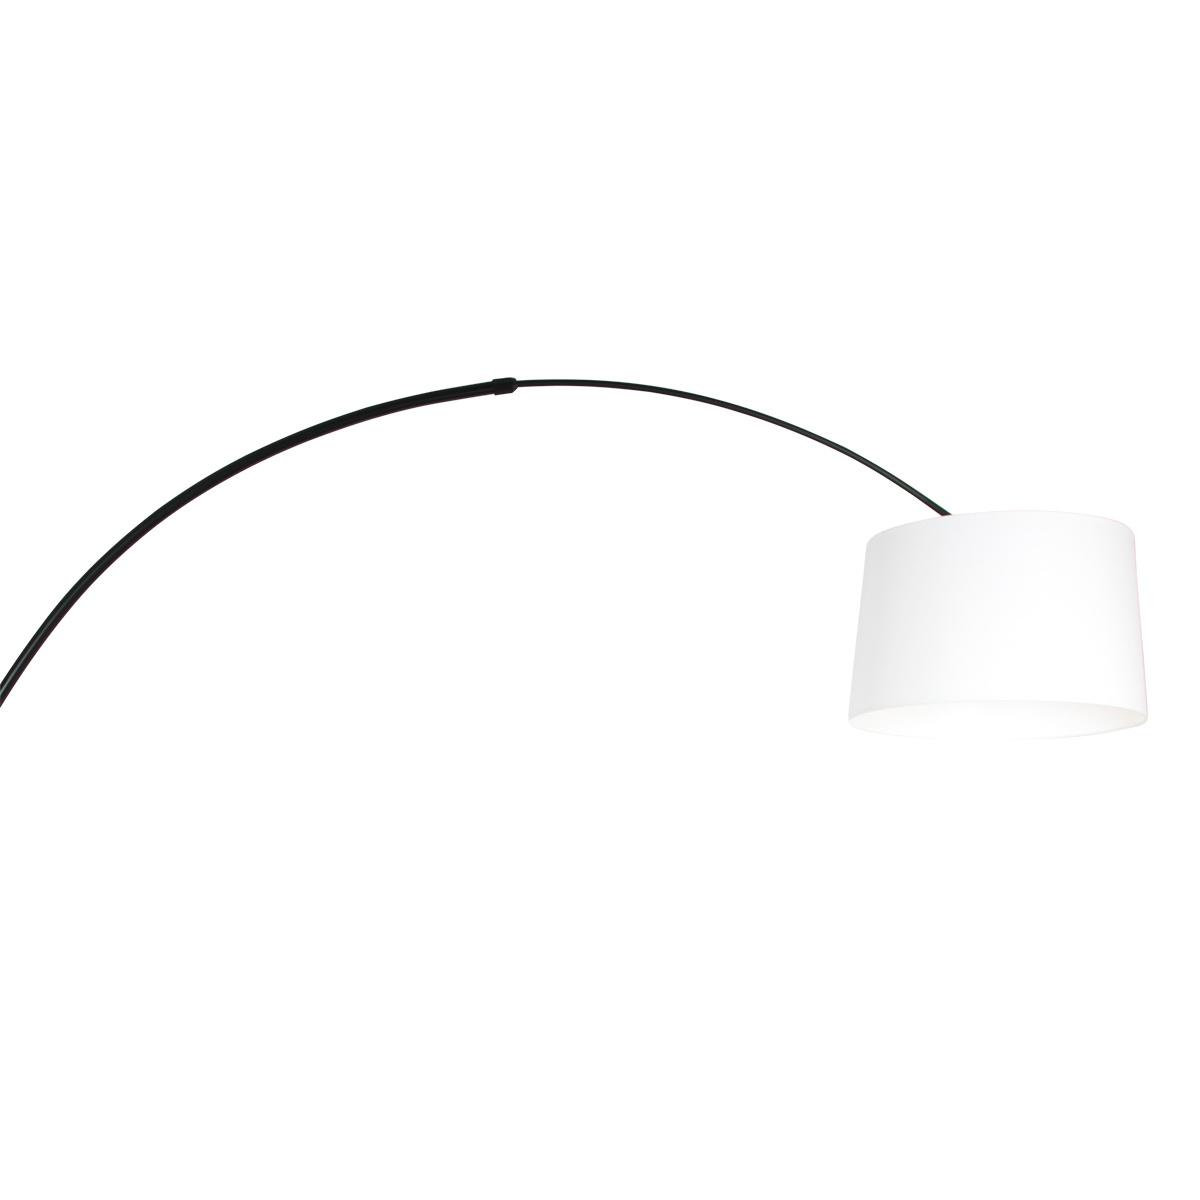 Steinhauer Vloerlamp Sparkled light 9828 zwart kap effen wit